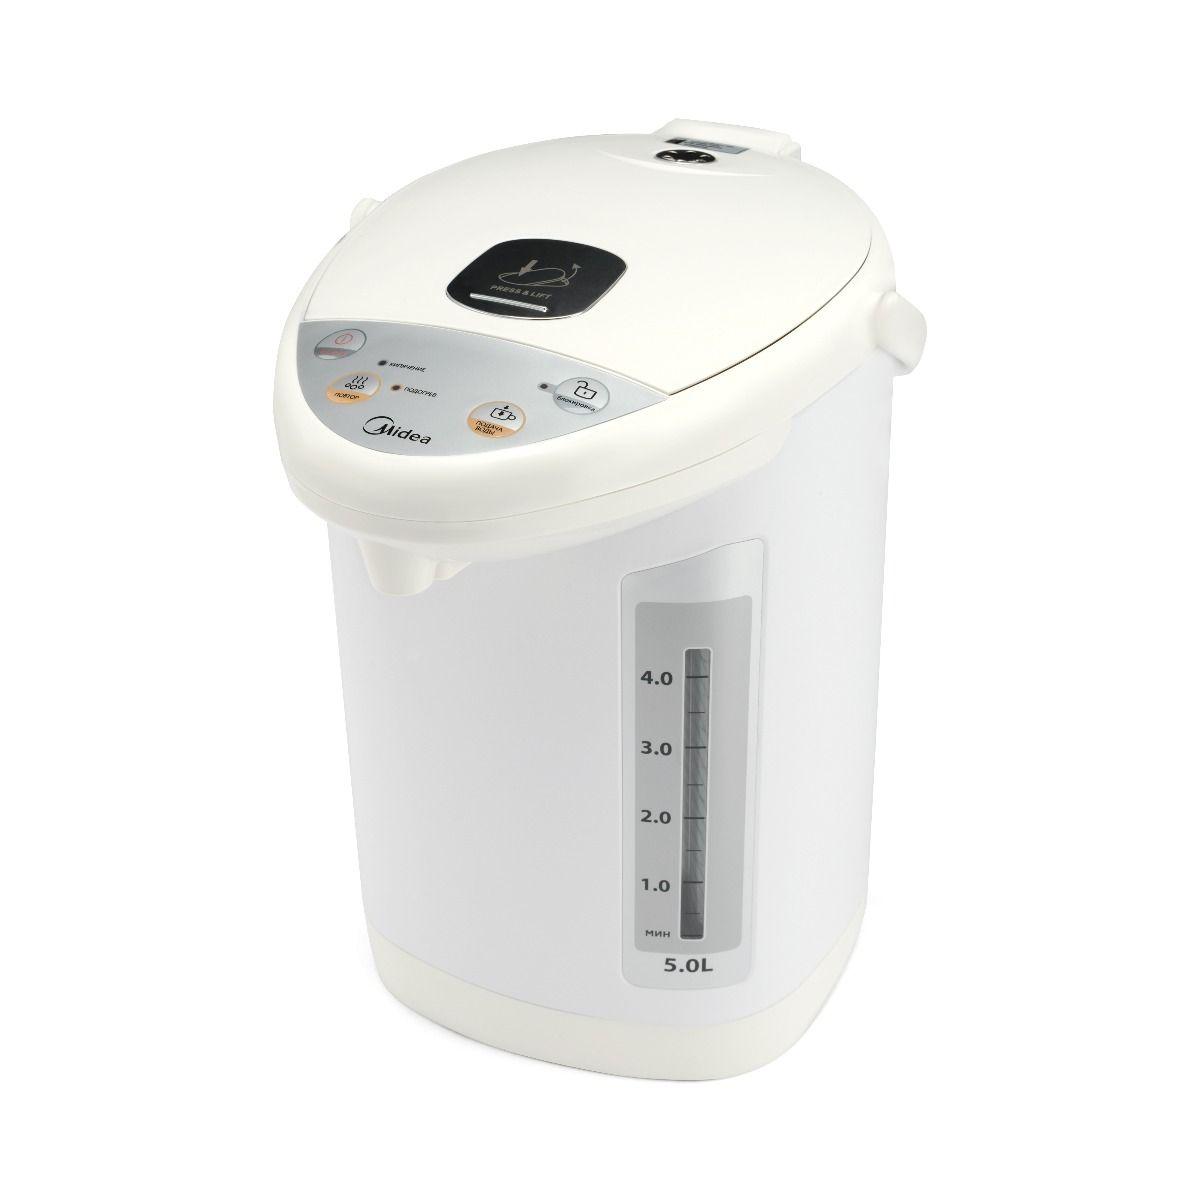 цена на Термопот Midea MP-8101, 5 л, 750 Вт